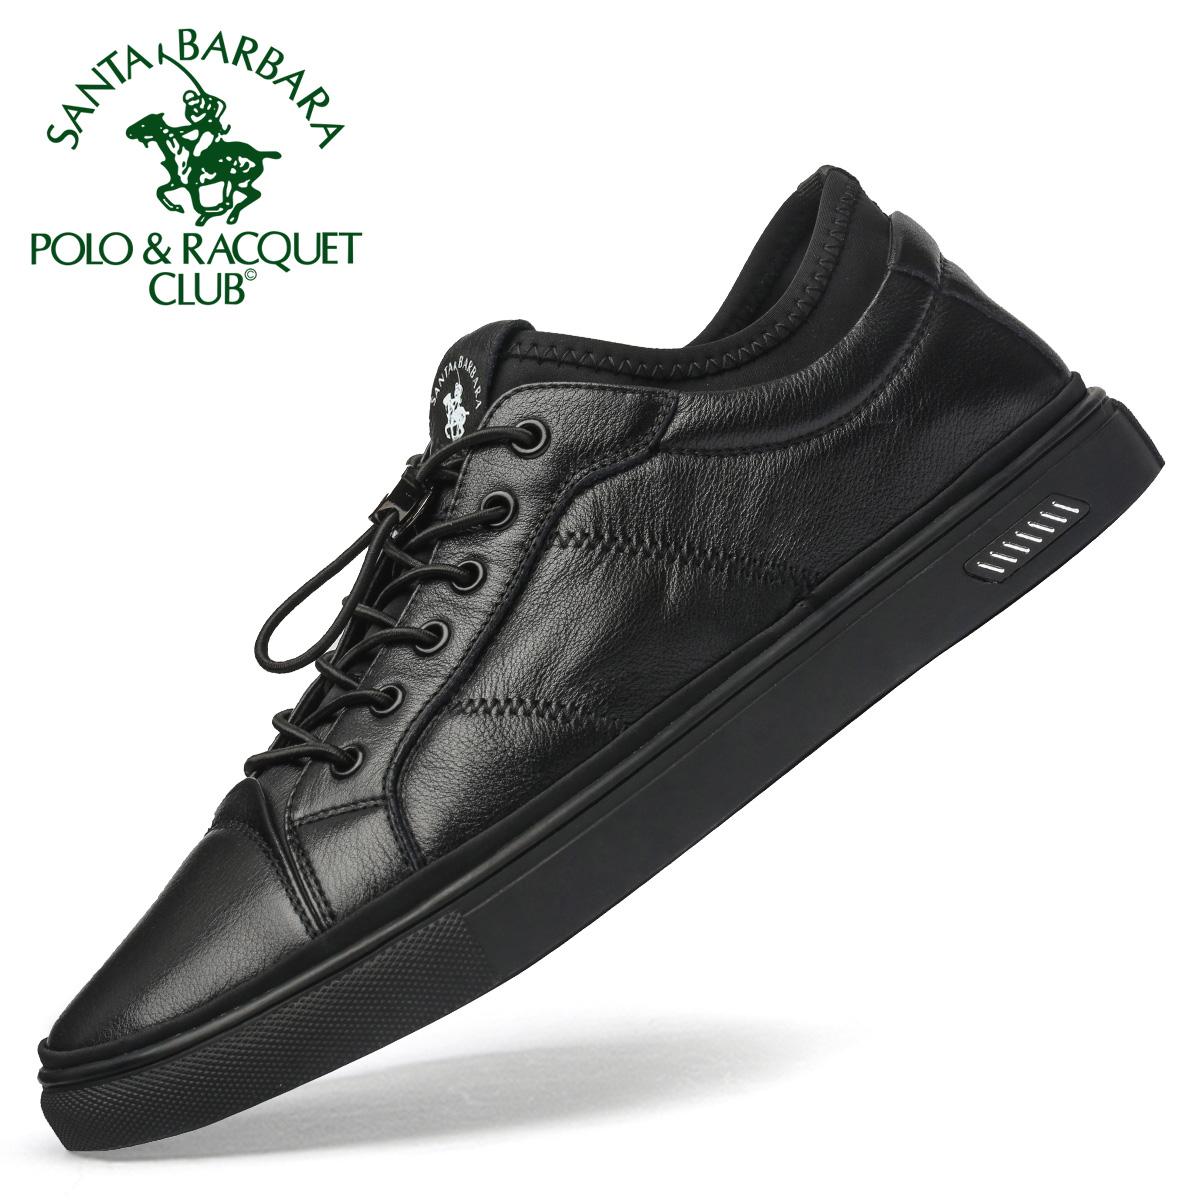 圣大保罗真皮休闲皮鞋男透气男士休闲鞋春秋季小白鞋韩版潮流板鞋